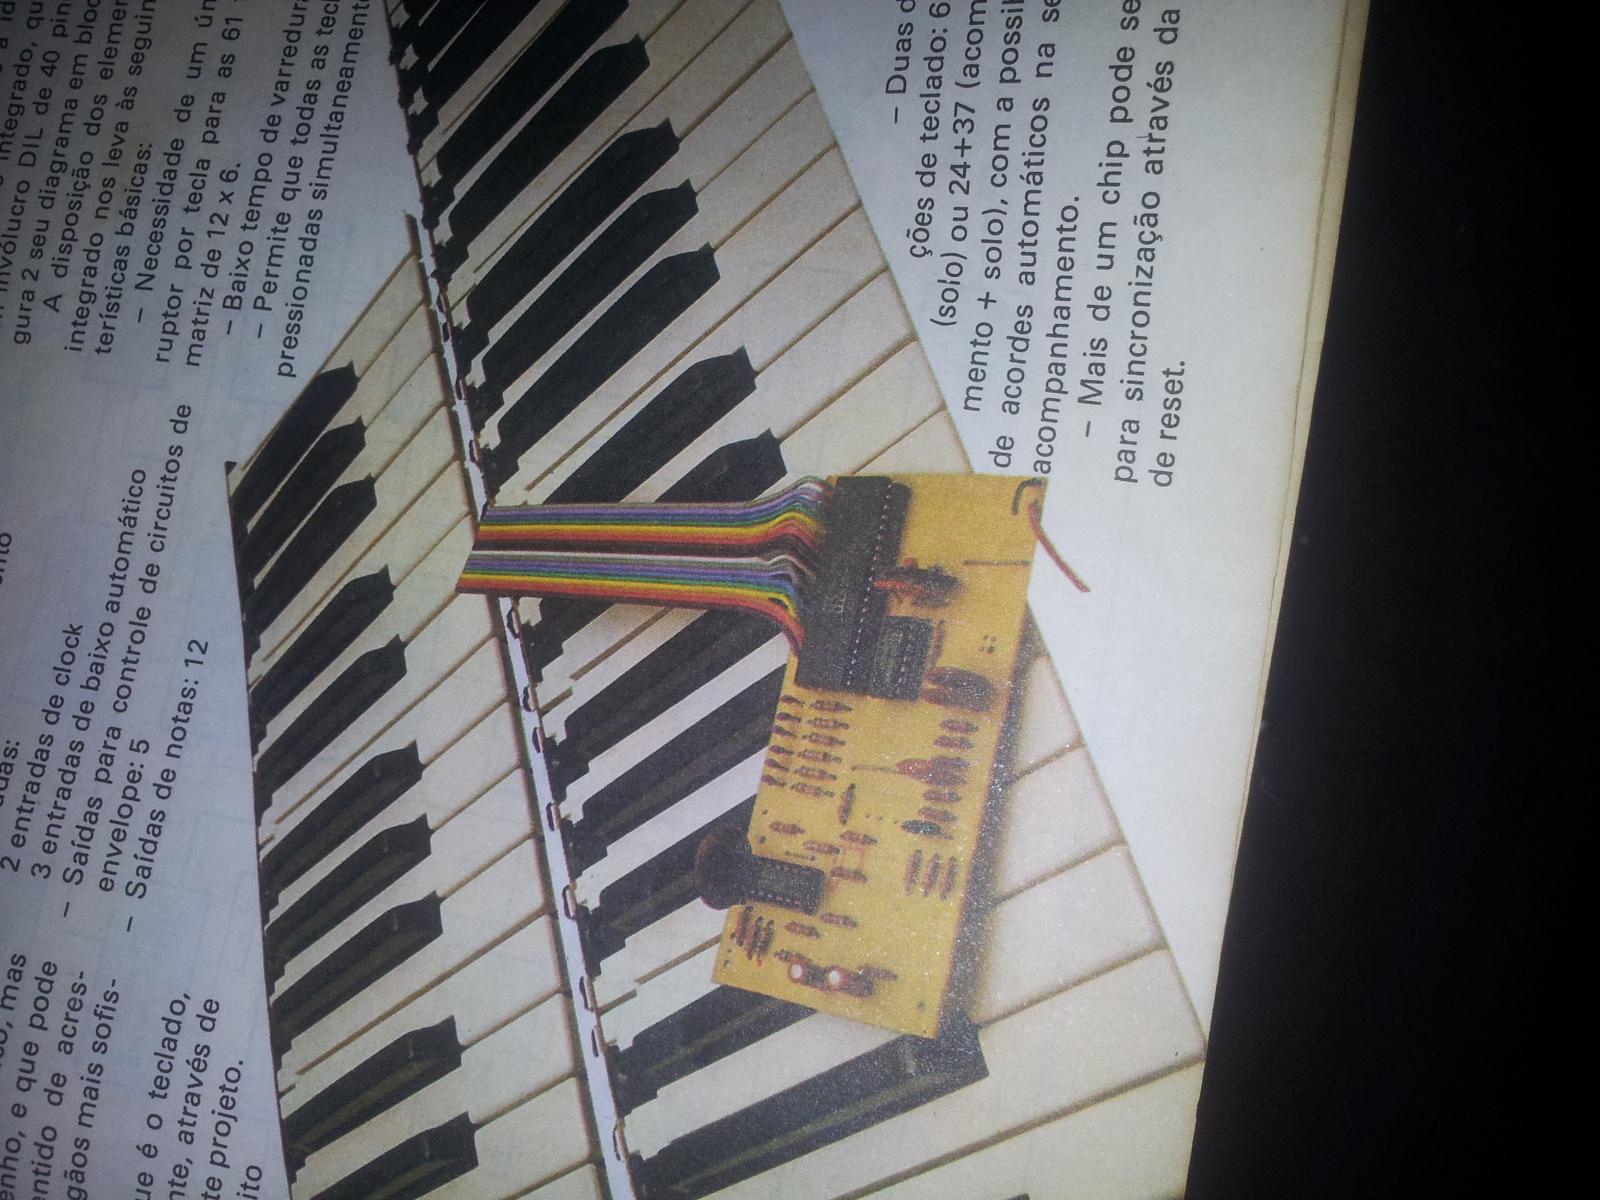 órgao eletronico com M208B1 - Página 2 11gu1b8